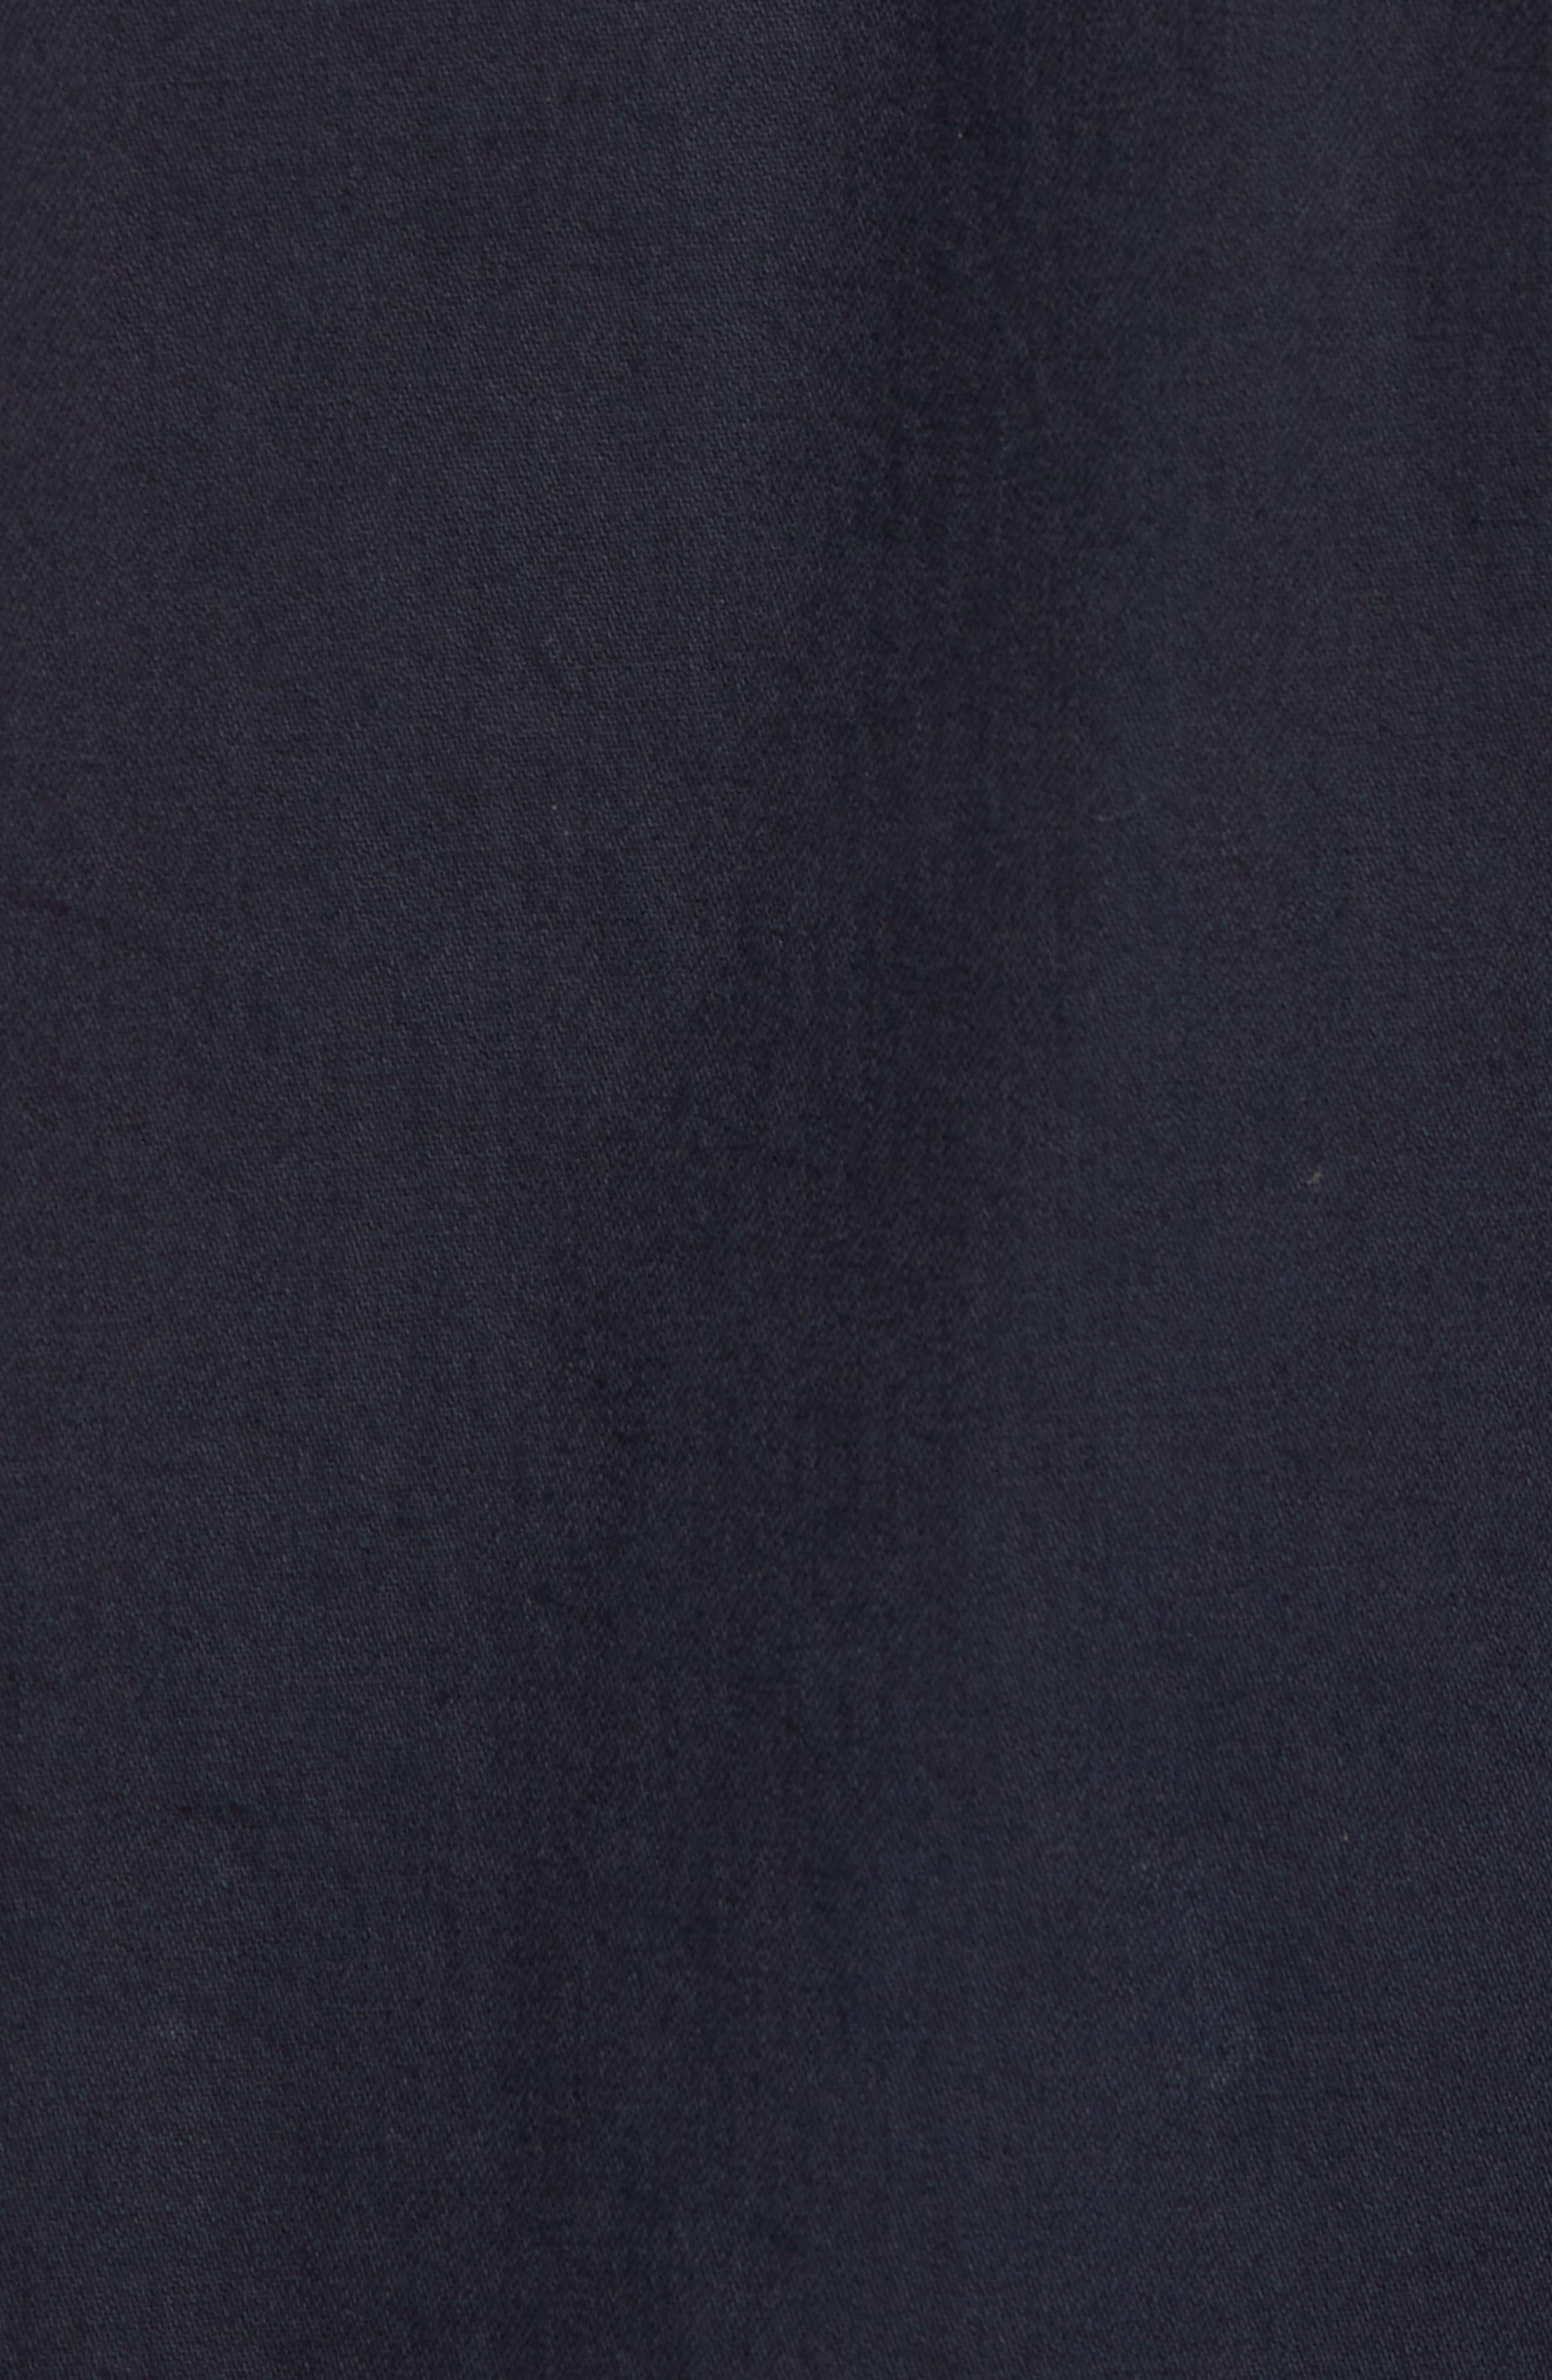 Bowie Zip Front Shirt,                             Alternate thumbnail 5, color,                             465